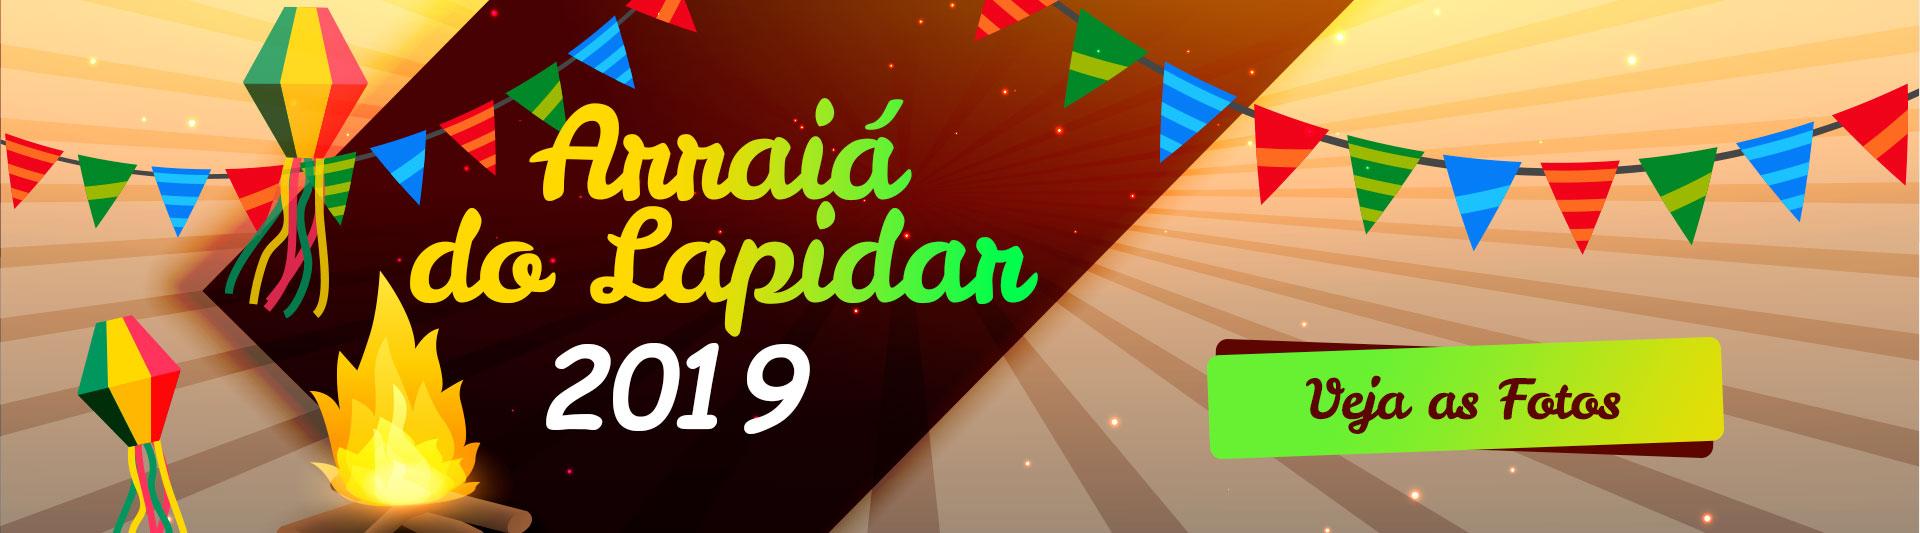 banner-festajunina-2019